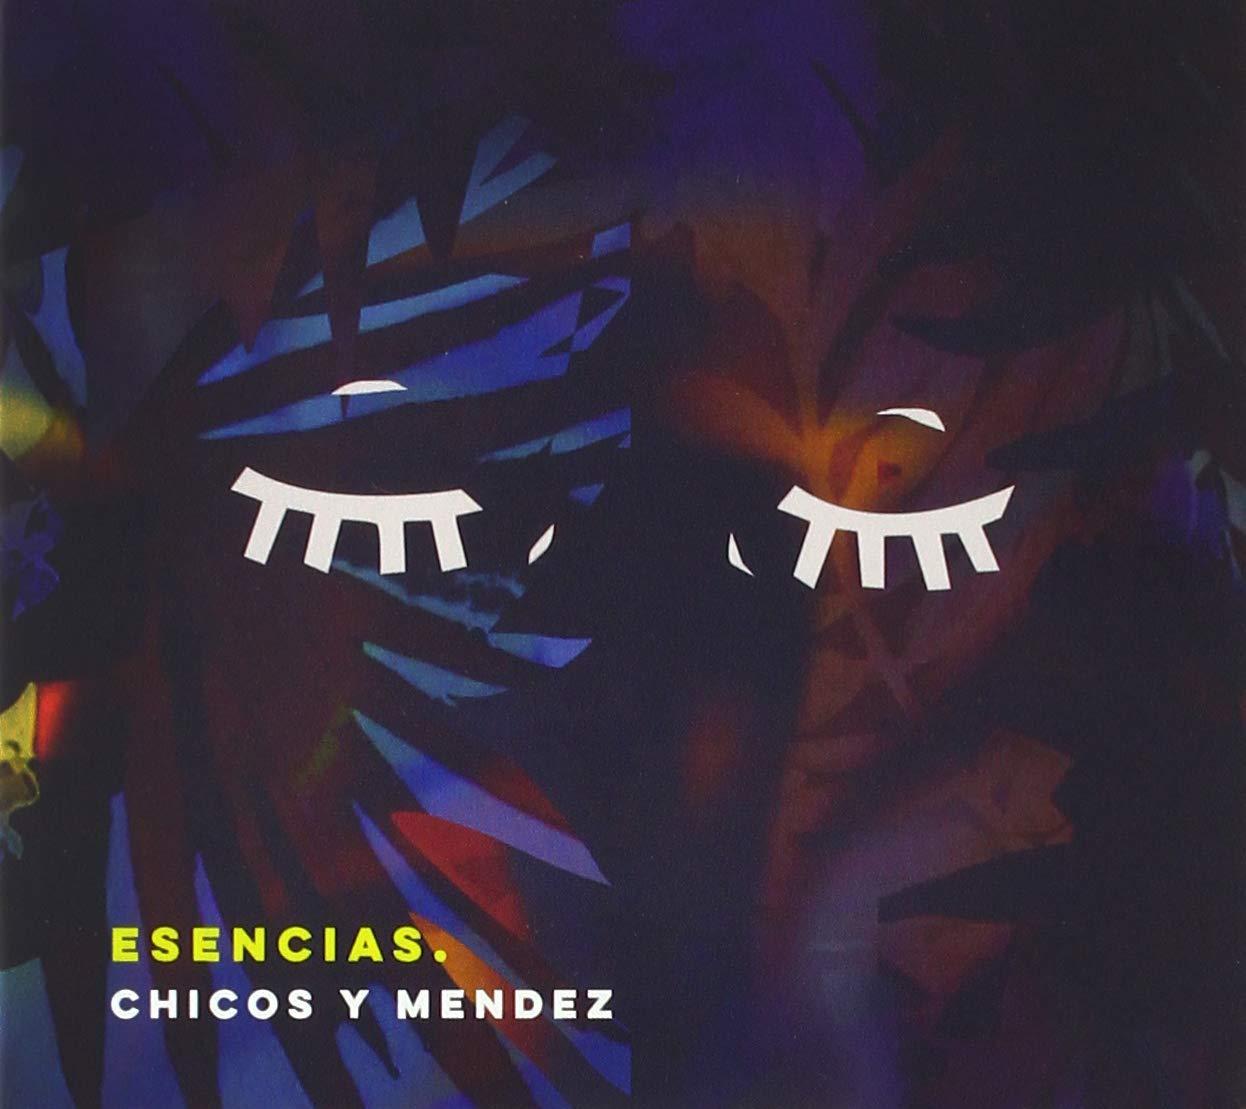 La musique authentique et engagée de Chicos y Mendez à l'Ancienne Belgique